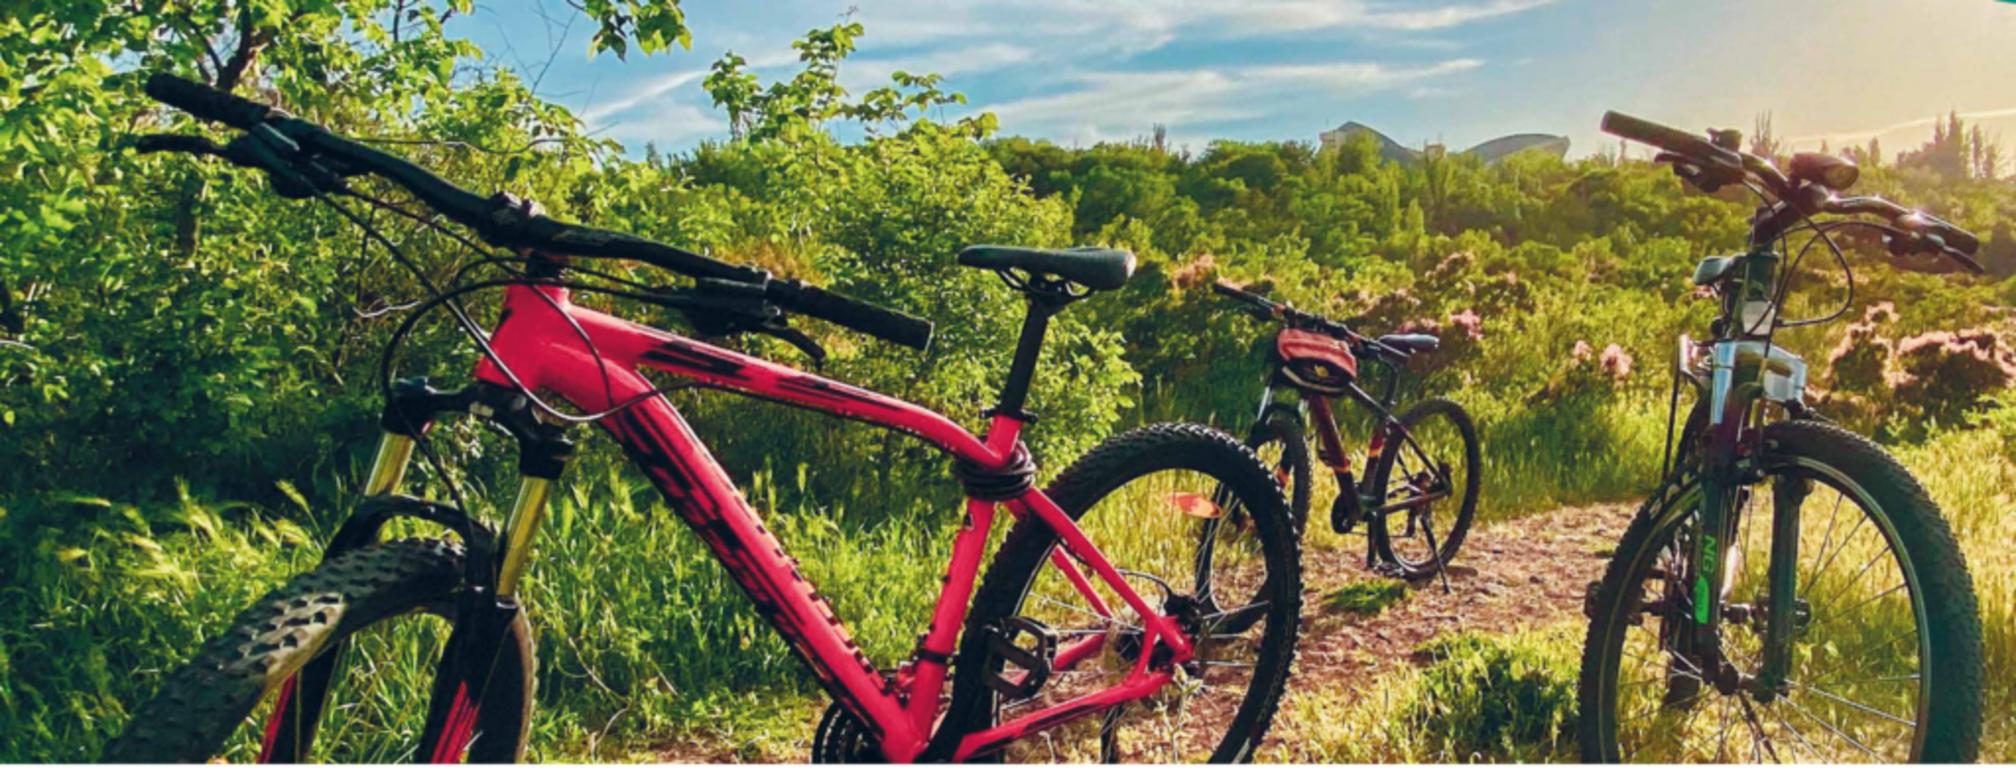 Grafika rowery (link otworzy duże zdjęcie)